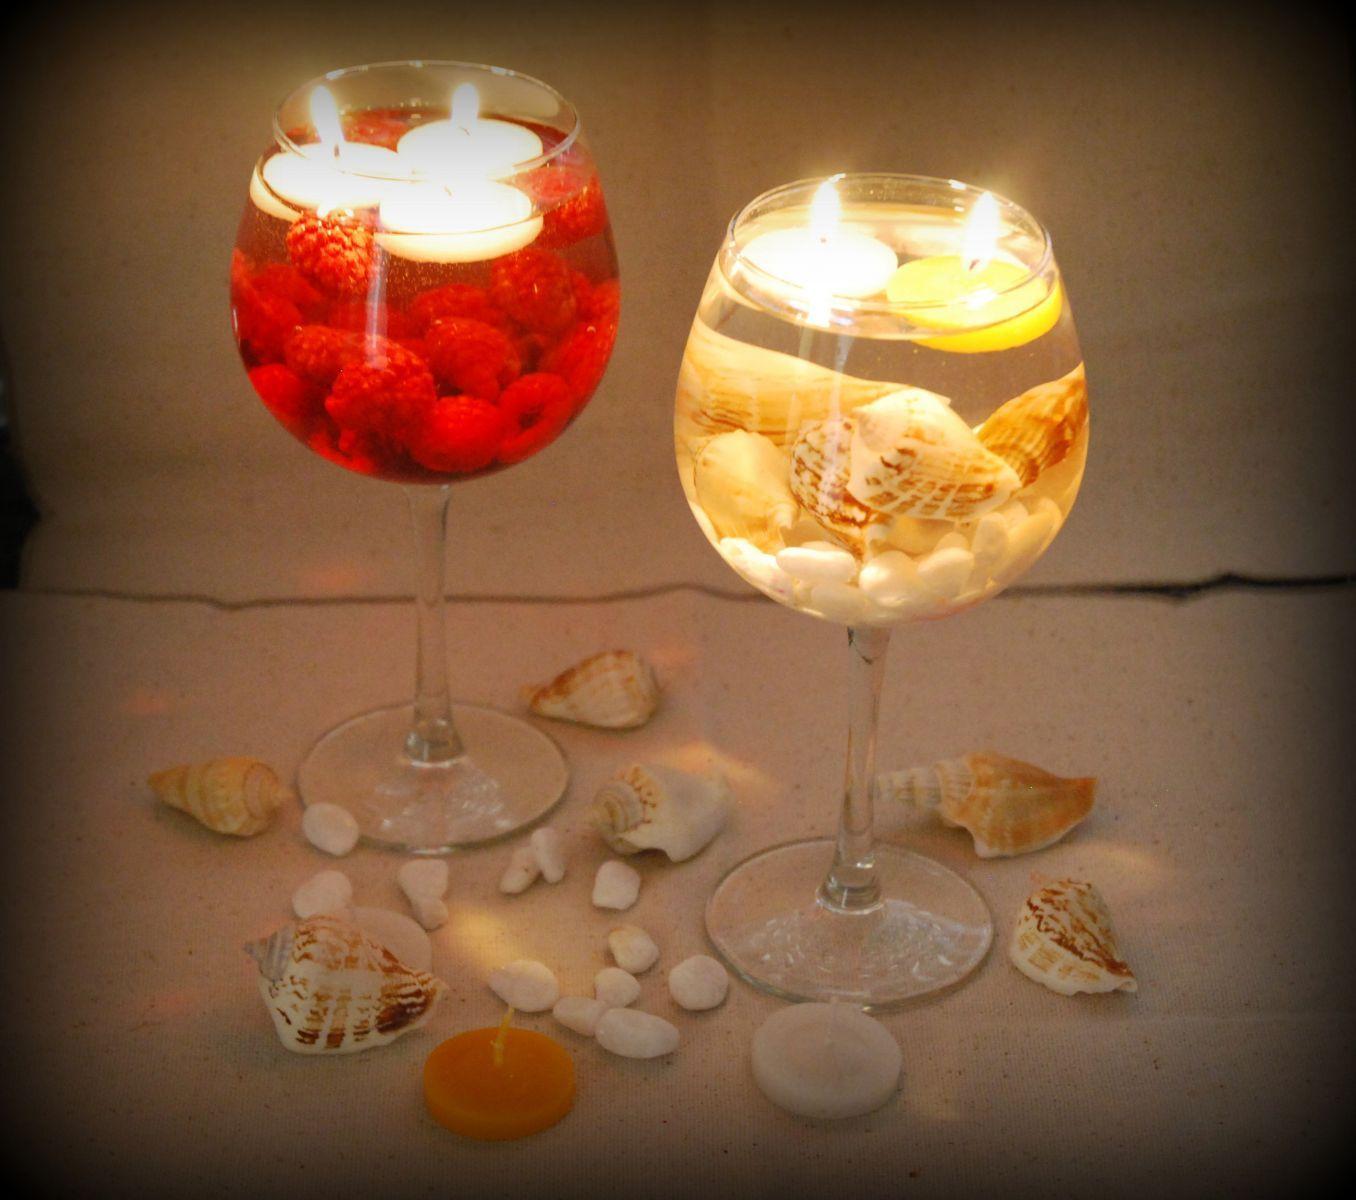 Velas flotantes en copas bal n una idea muy original for Adornos navidenos con copas y velas